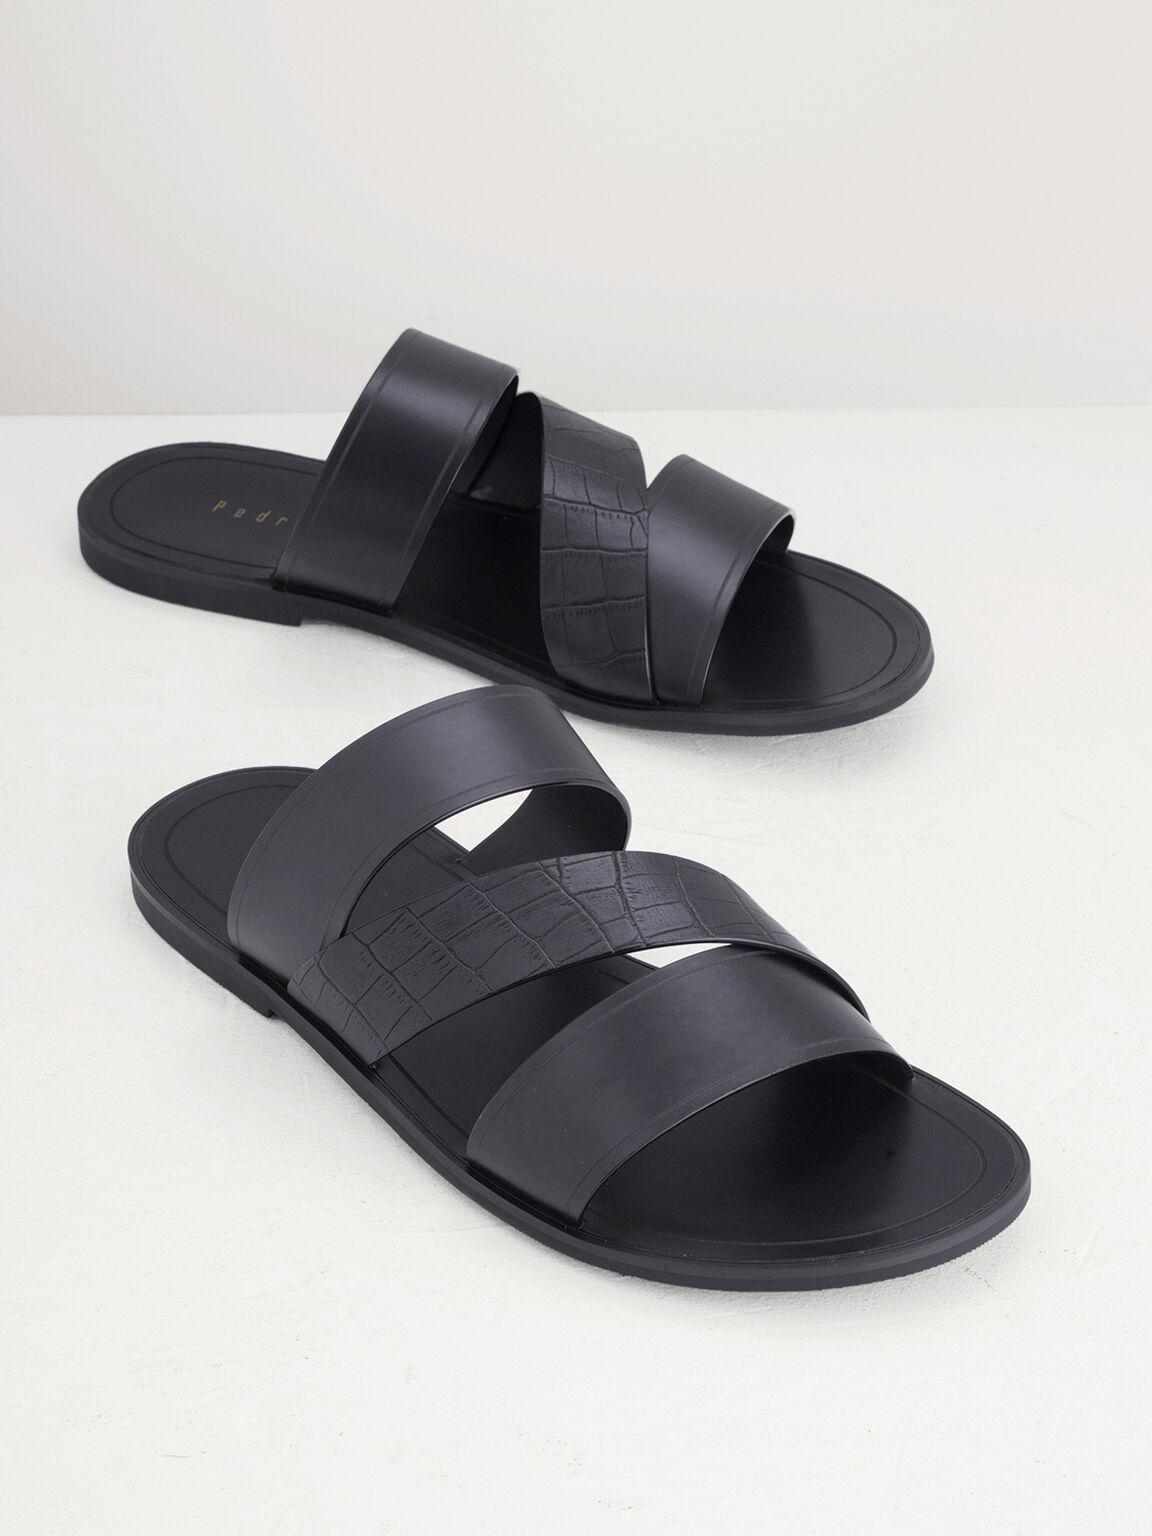 Croc-Effect Sandals, Black, hi-res